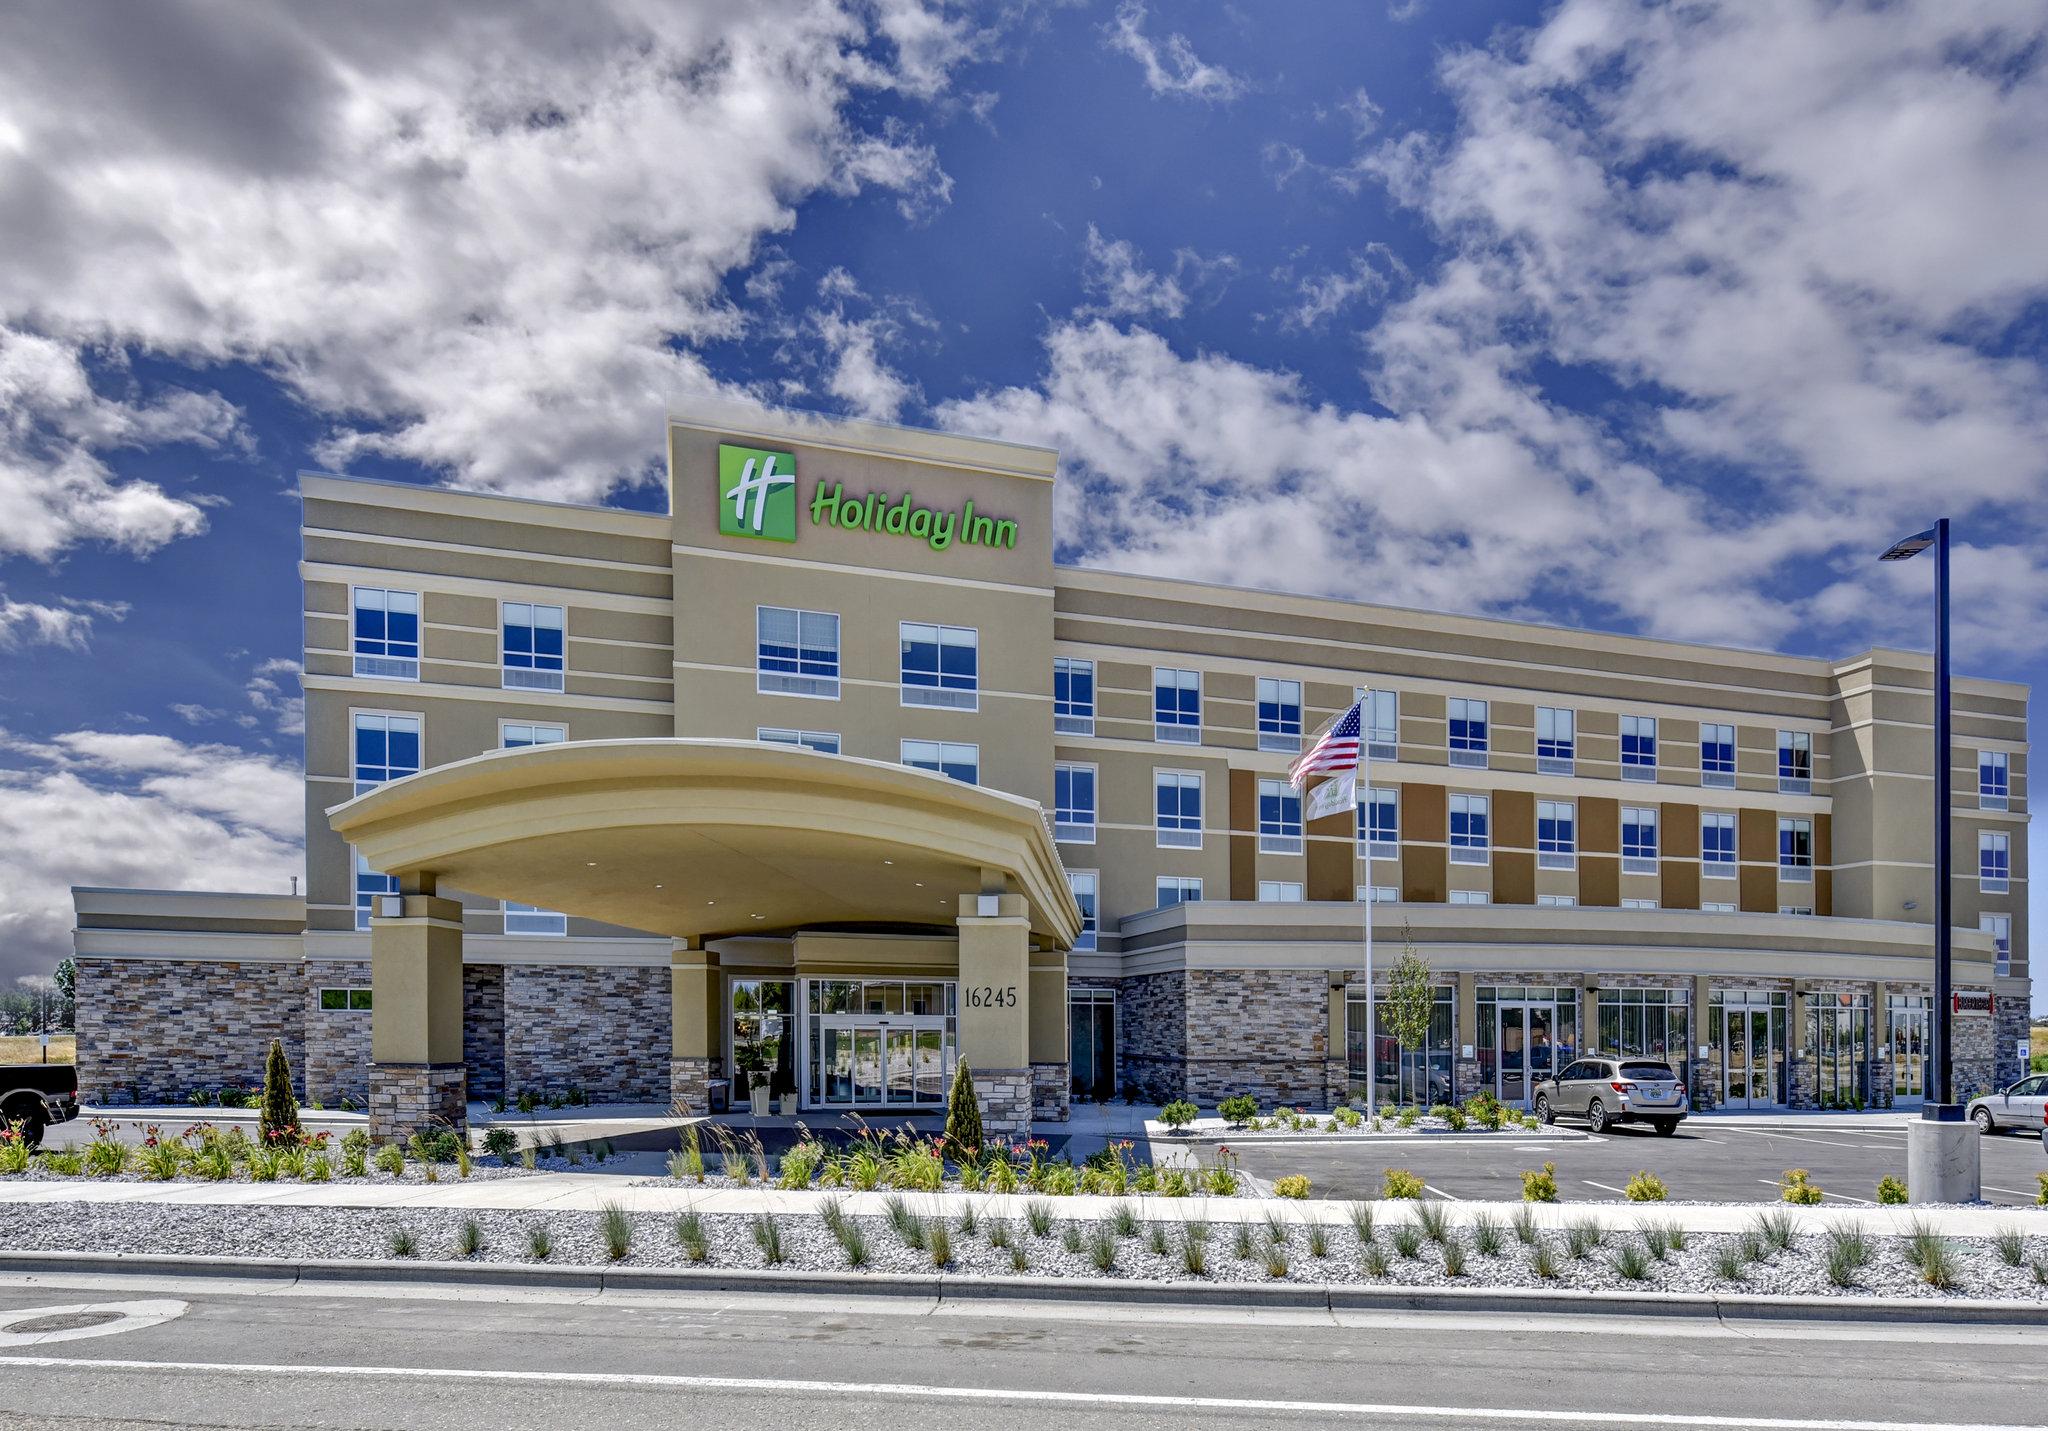 Holiday Inn Nampa